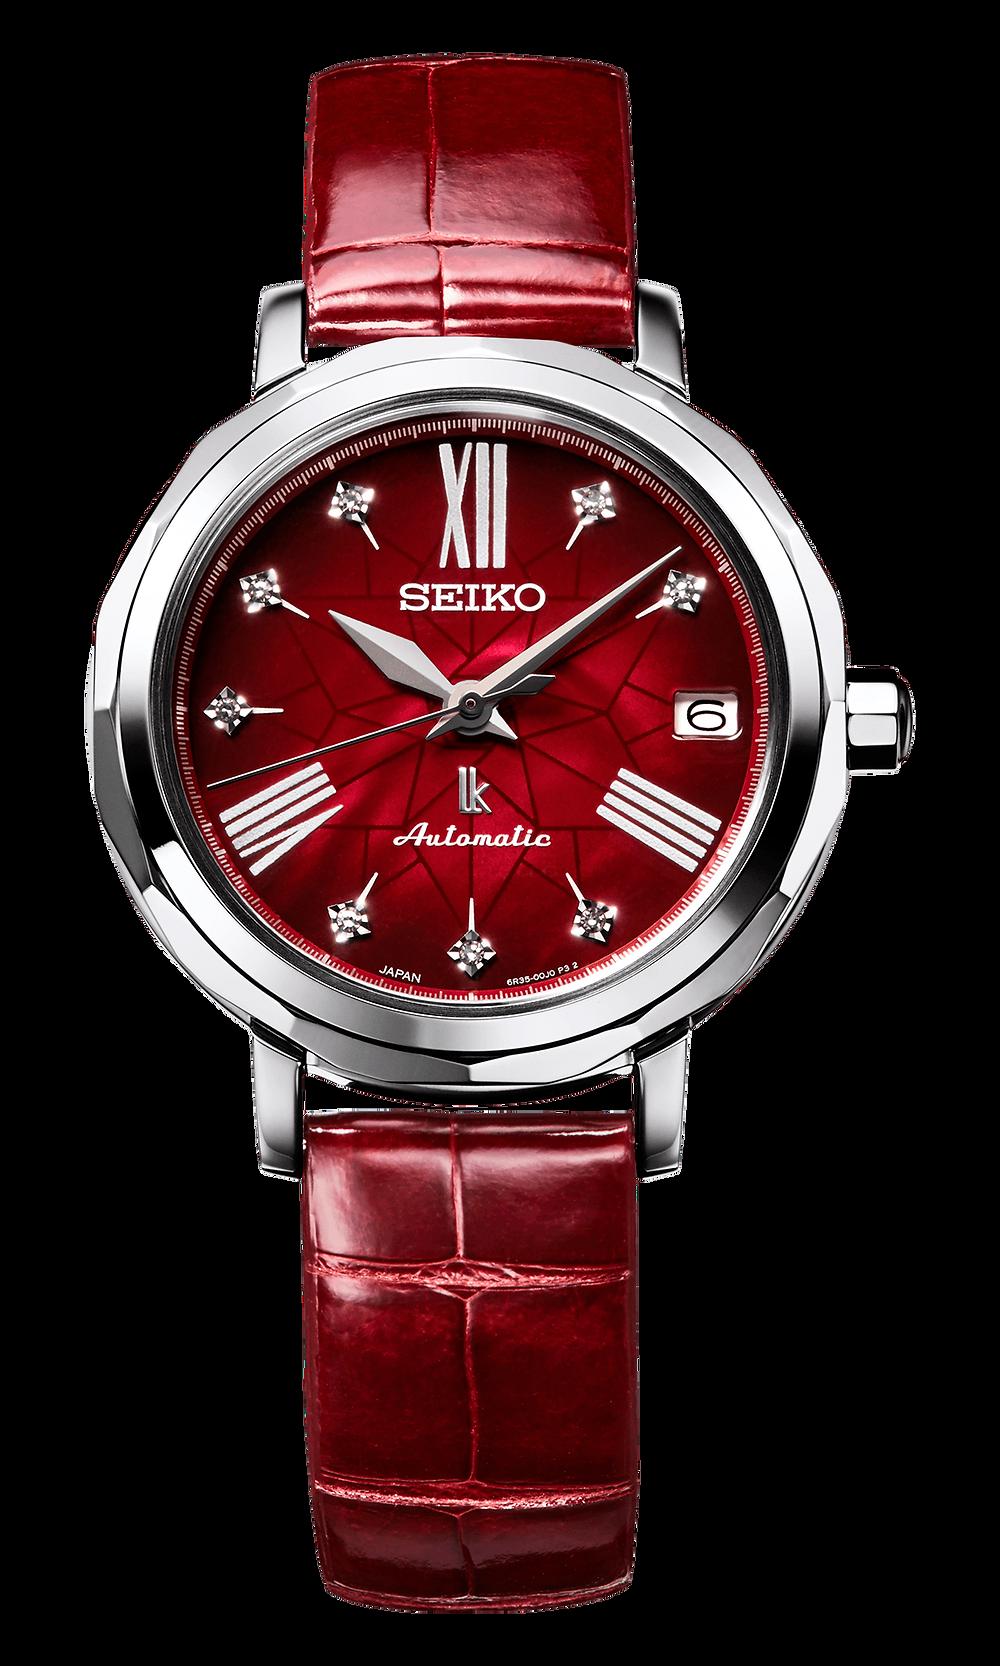 reloj SPB135 con diamantes de Seiko, edición limitada 2020